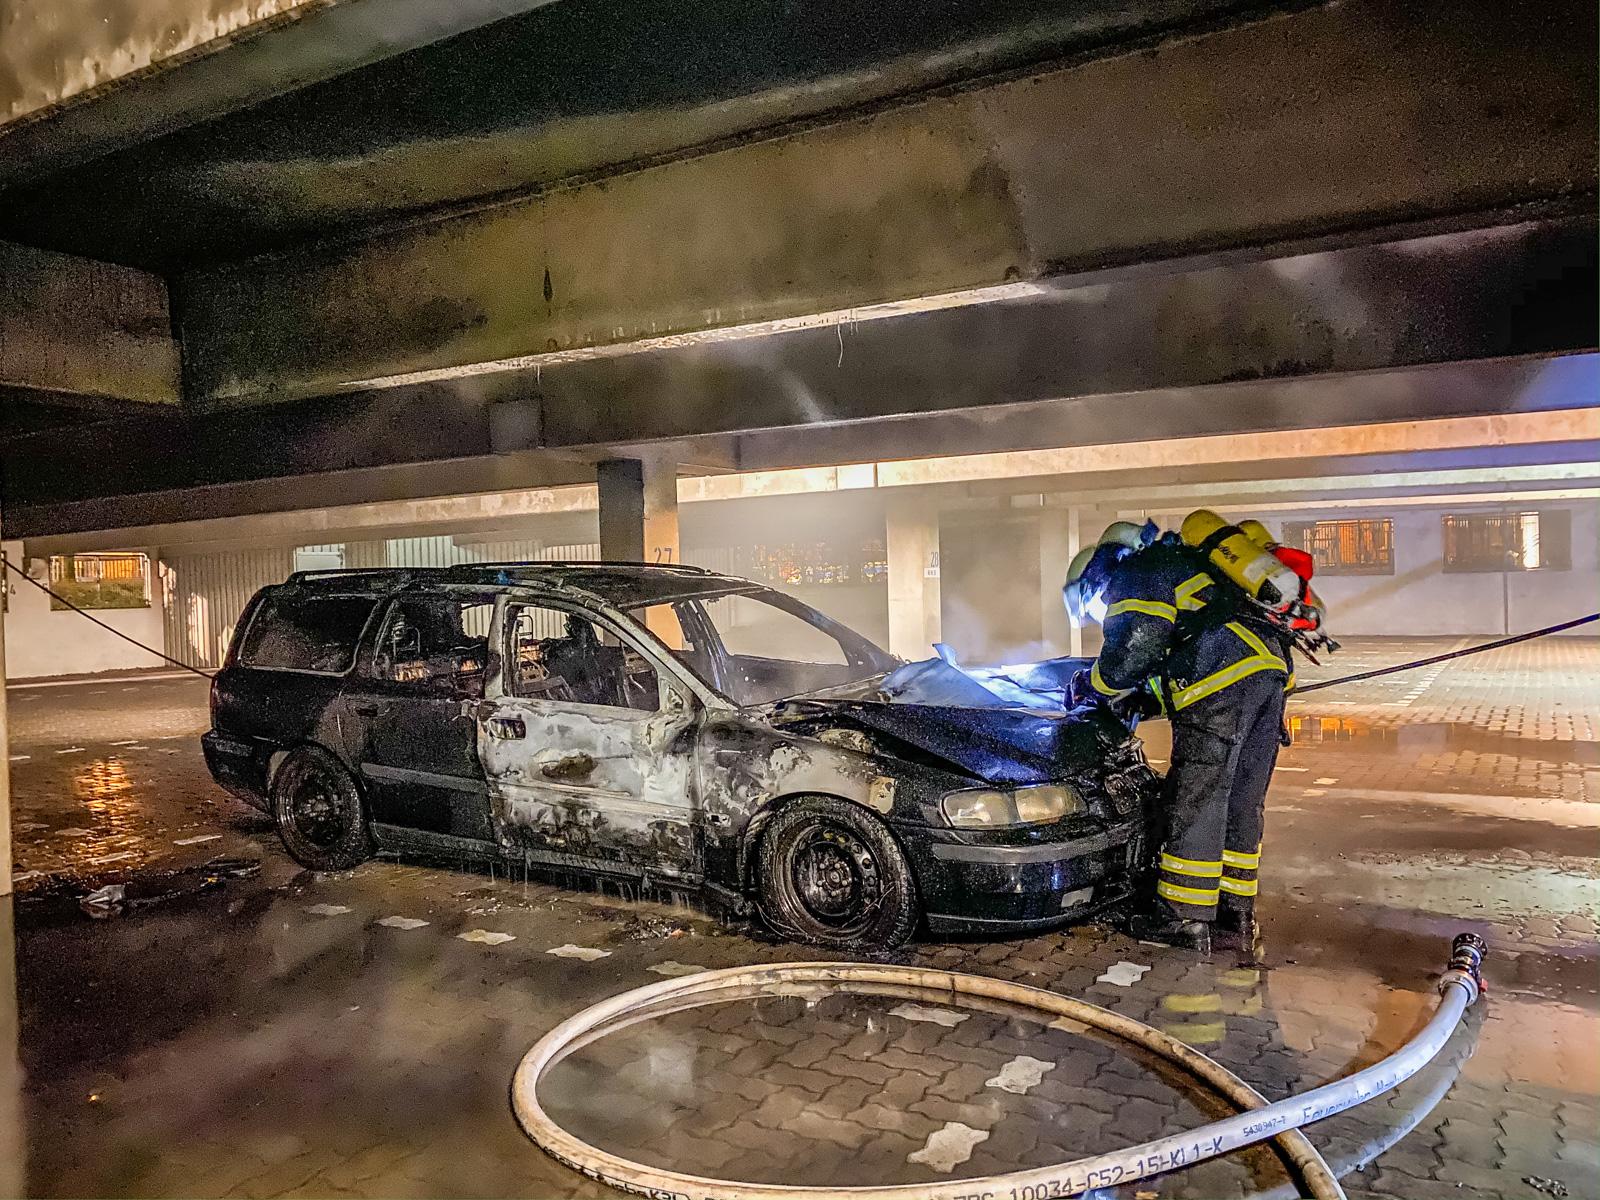 PKW brennt in Tiefgarage – Brandursache unklar!